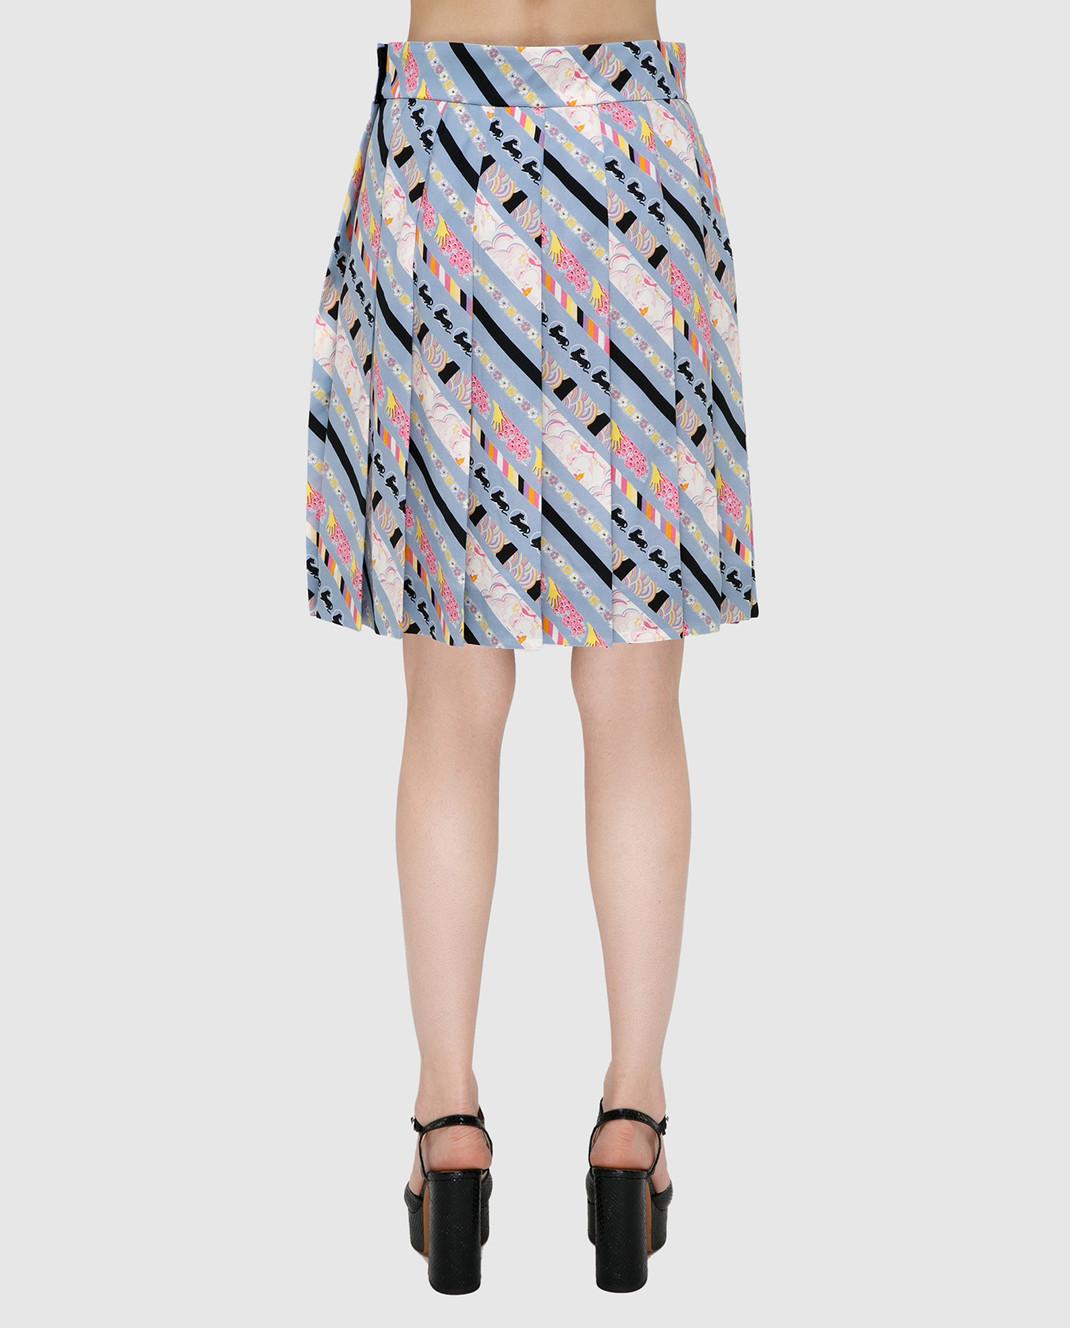 Marc Jacobs Голубая юбка из шелка изображение 4